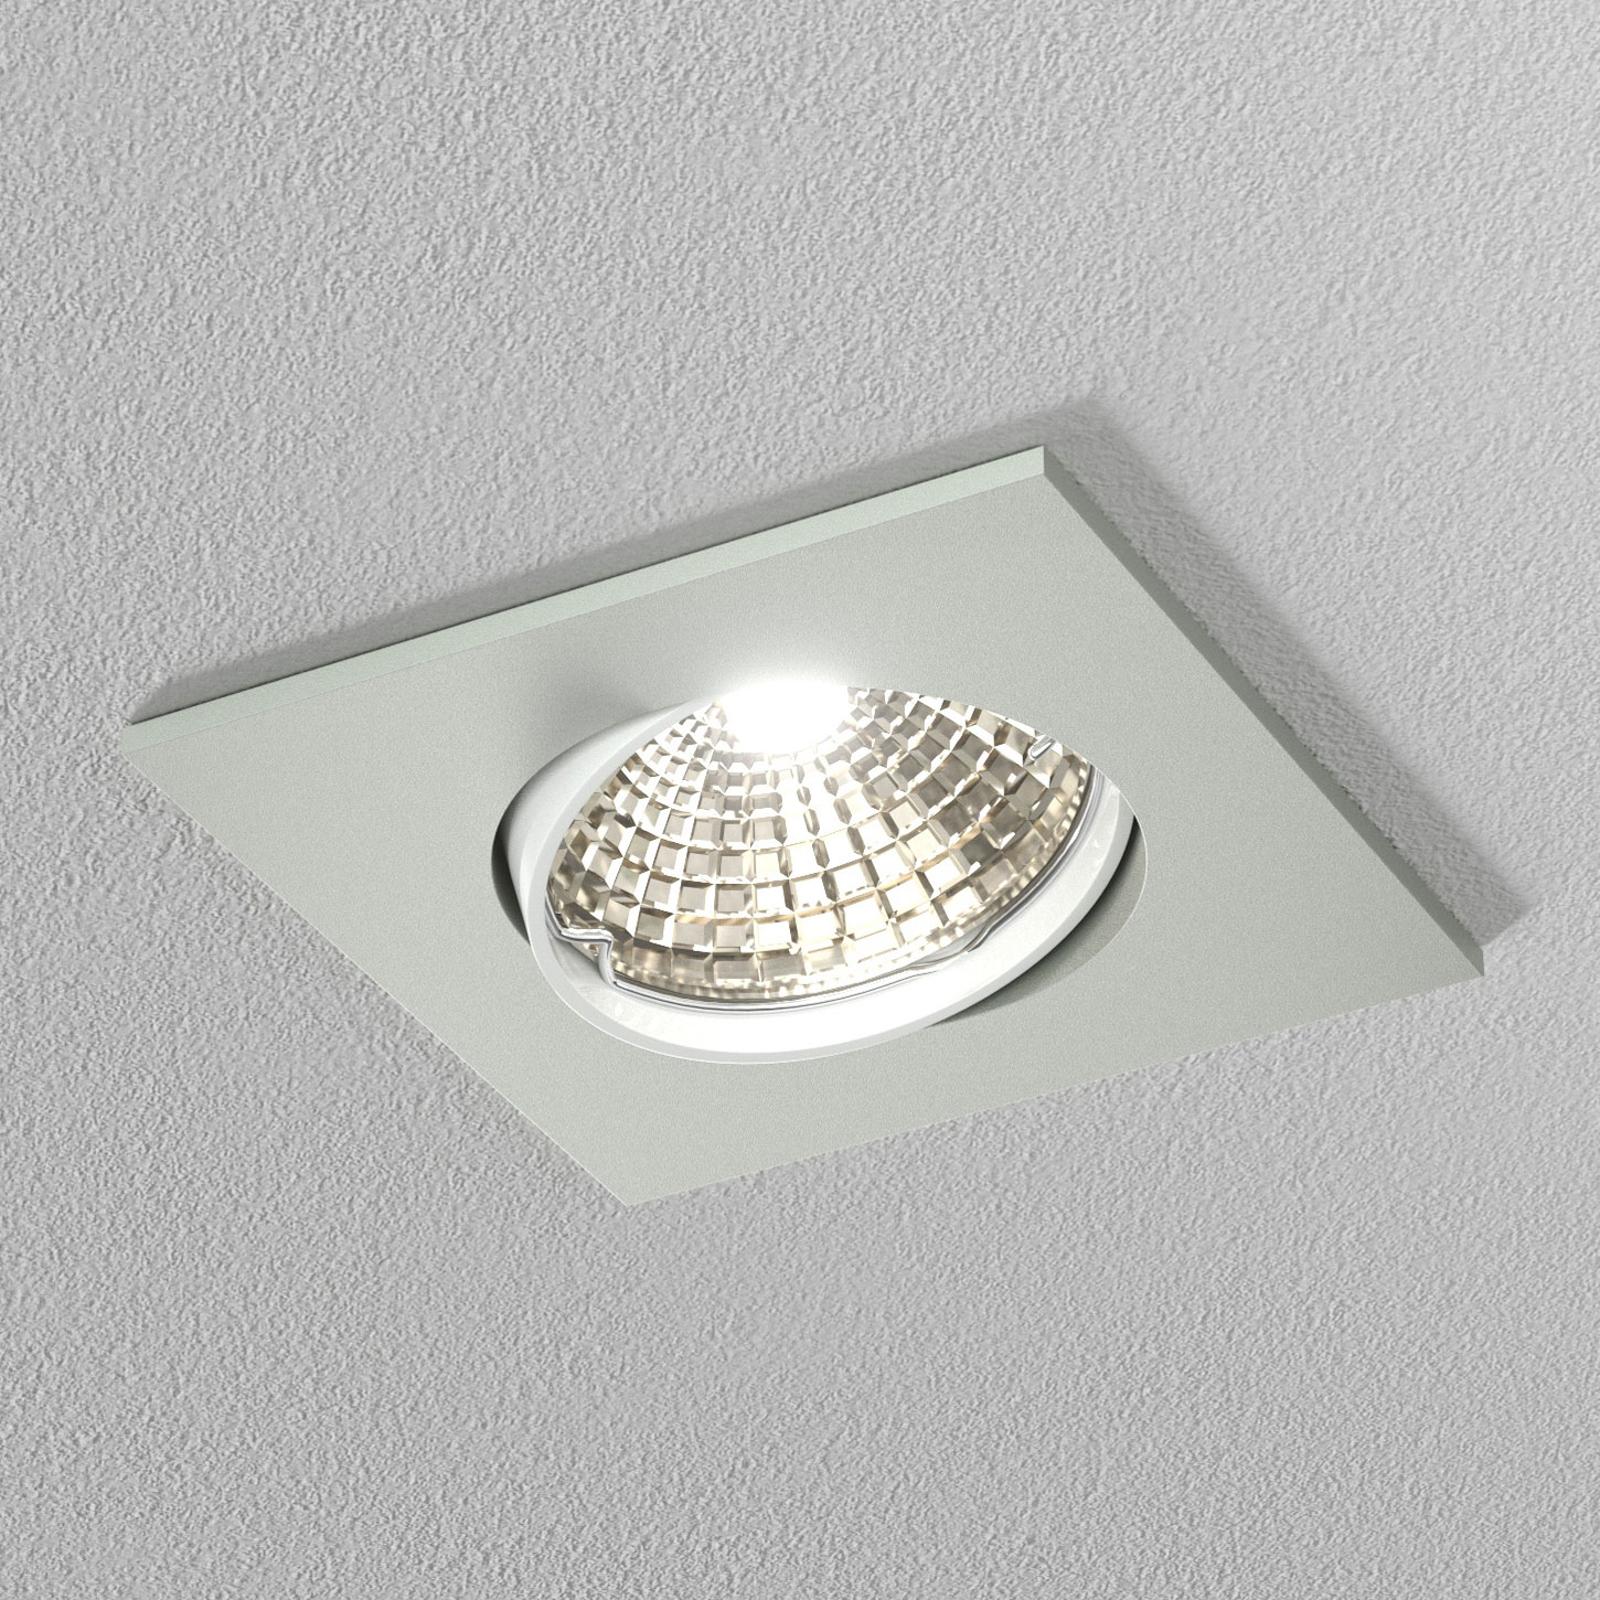 Decentní podhledové svítidlo, bílá, 6,8 cm